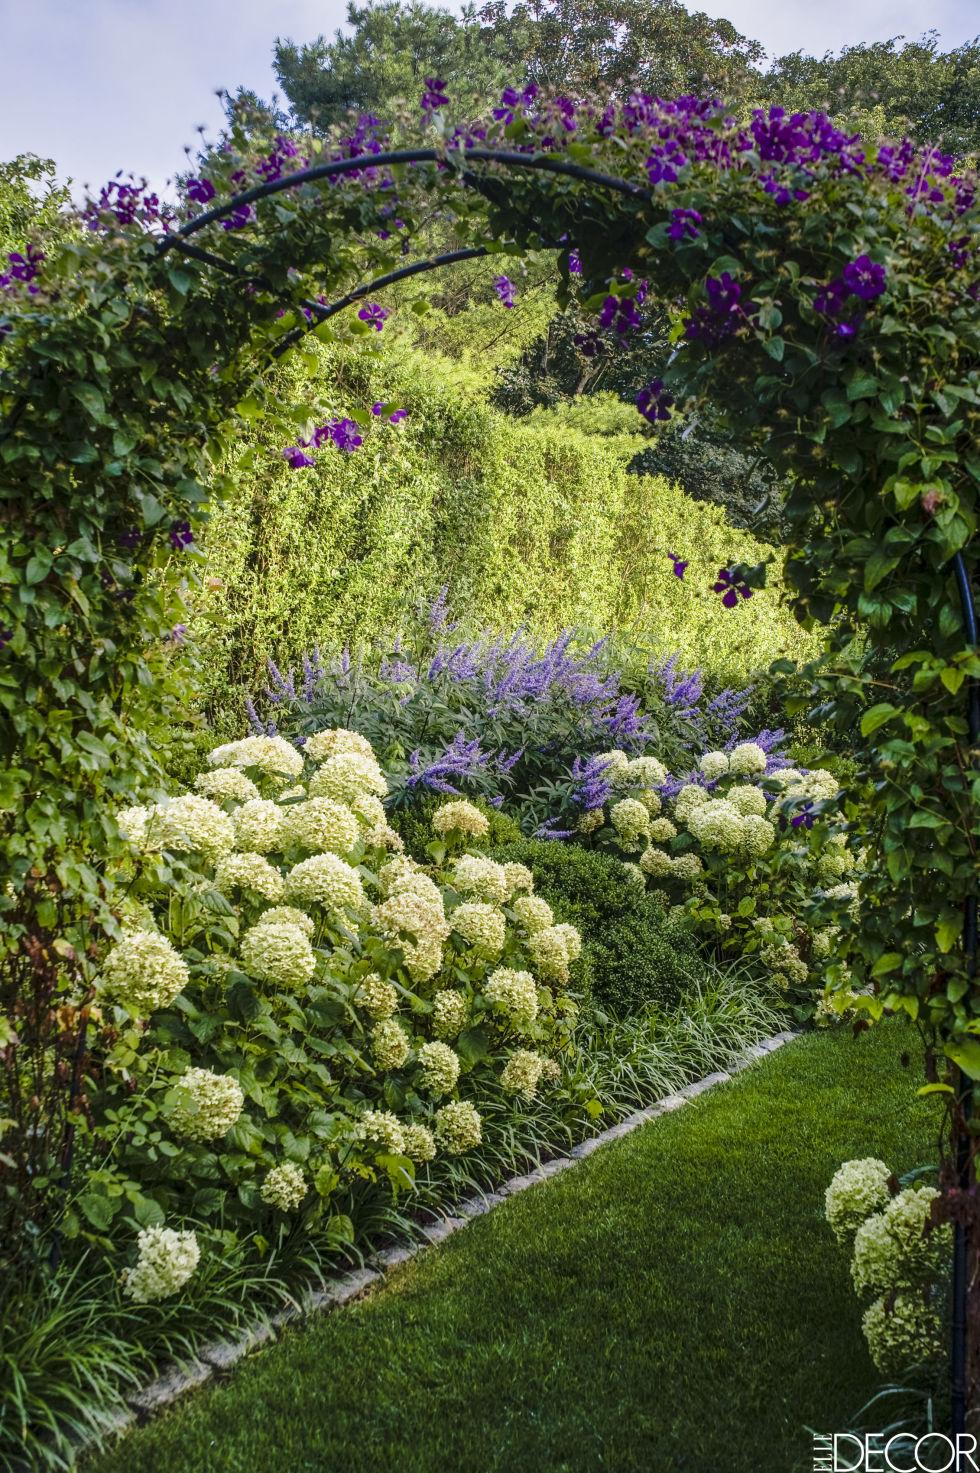 Ina Garten Blog ina garten's gorgeous garden – the simply luxurious life®